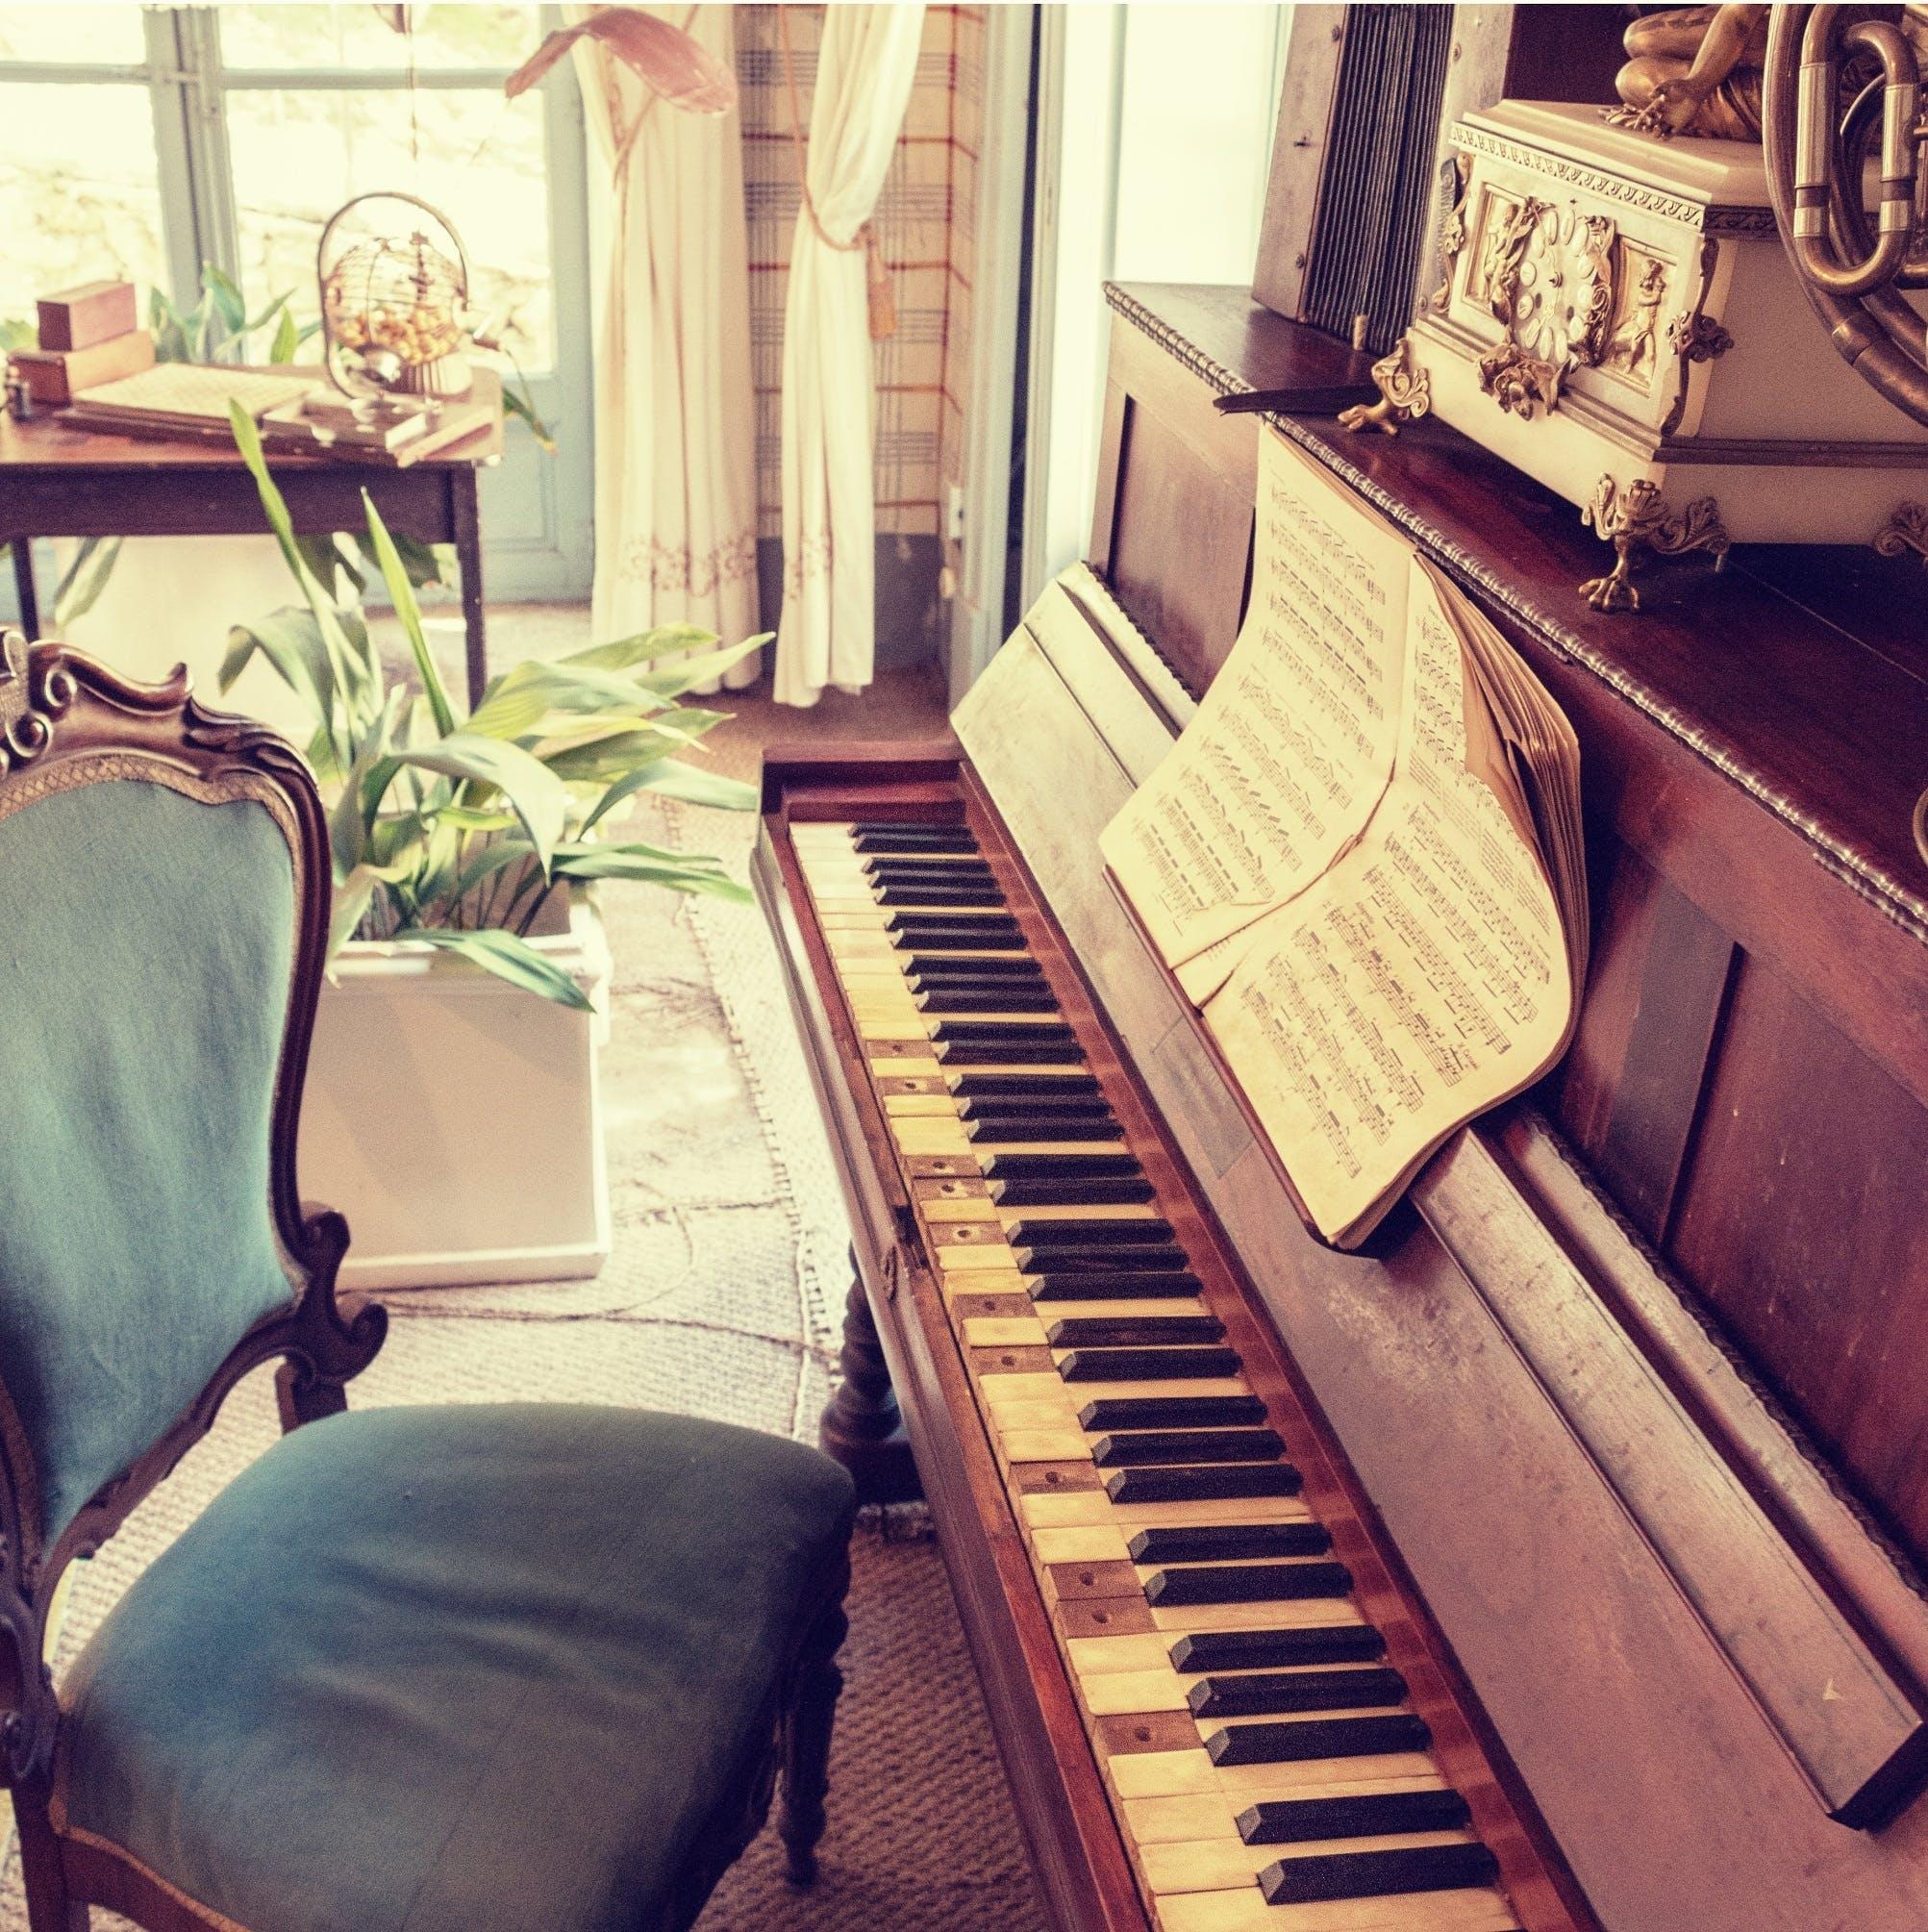 Fotos de stock gratuitas de instrumento musical, música, partitura, piano